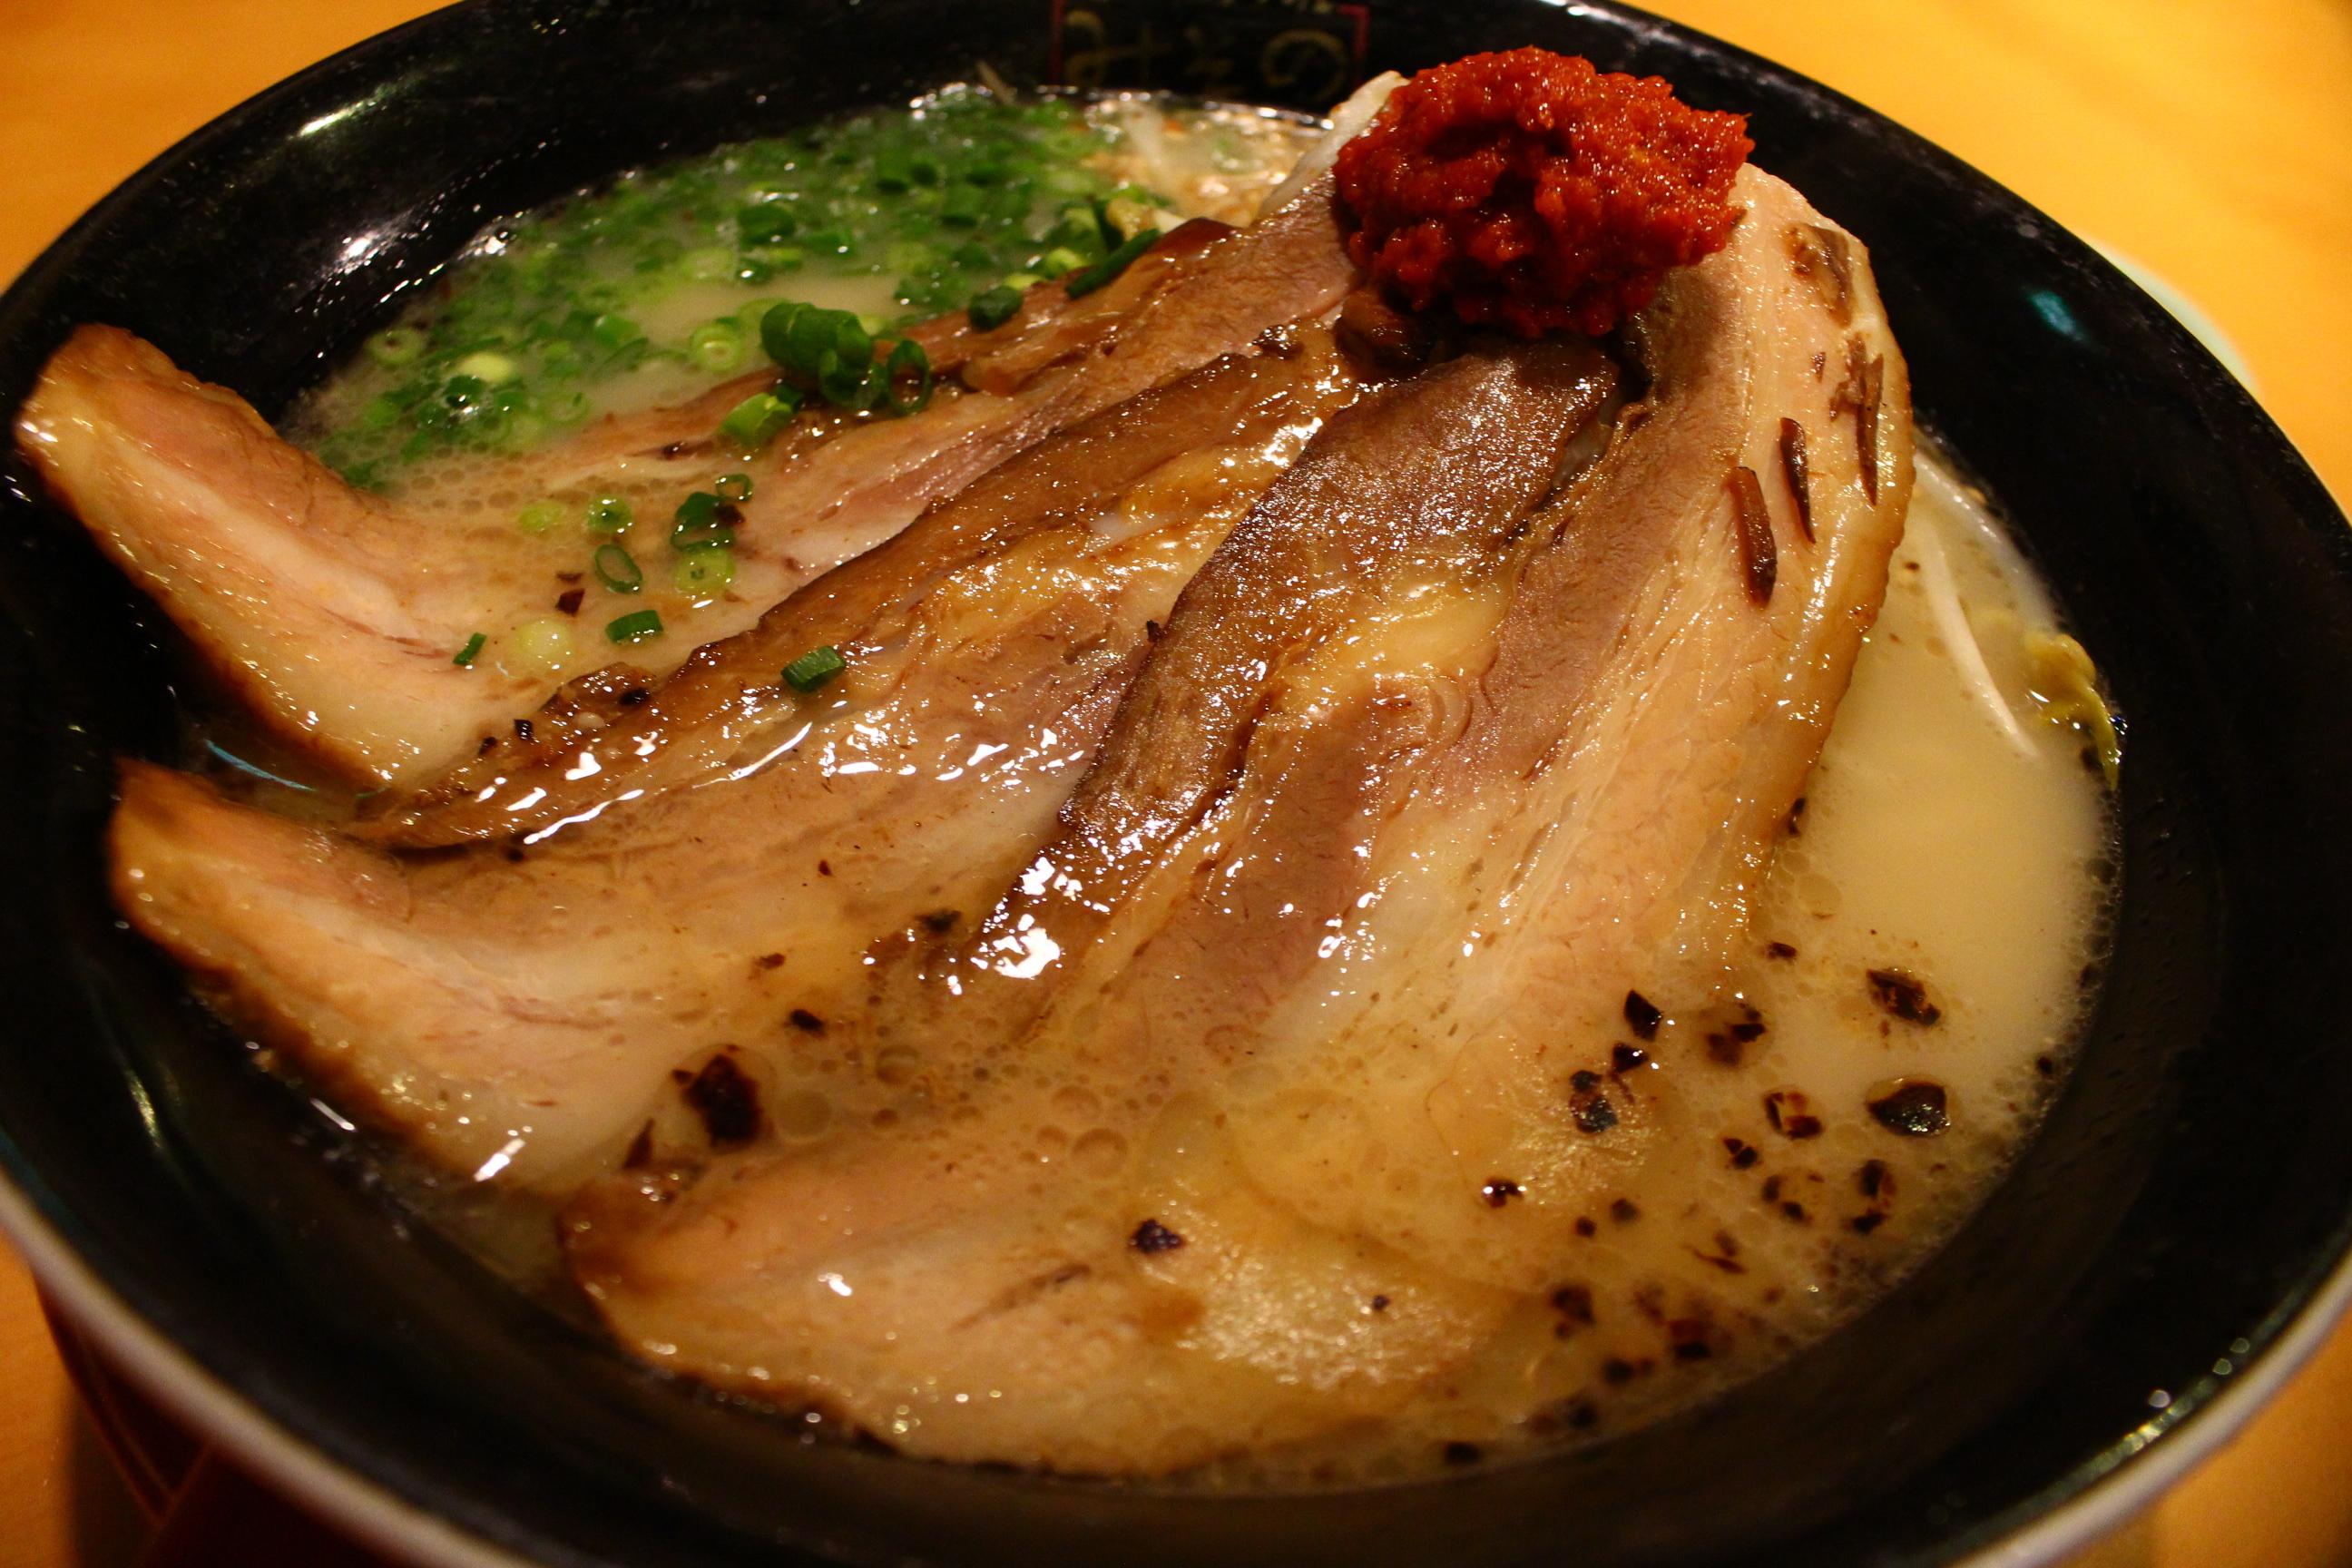 【毎月20日の】みその食堂で「金の桜黒豚」ラーメンを贅沢に3倍楽しんできた。【お楽しみ】